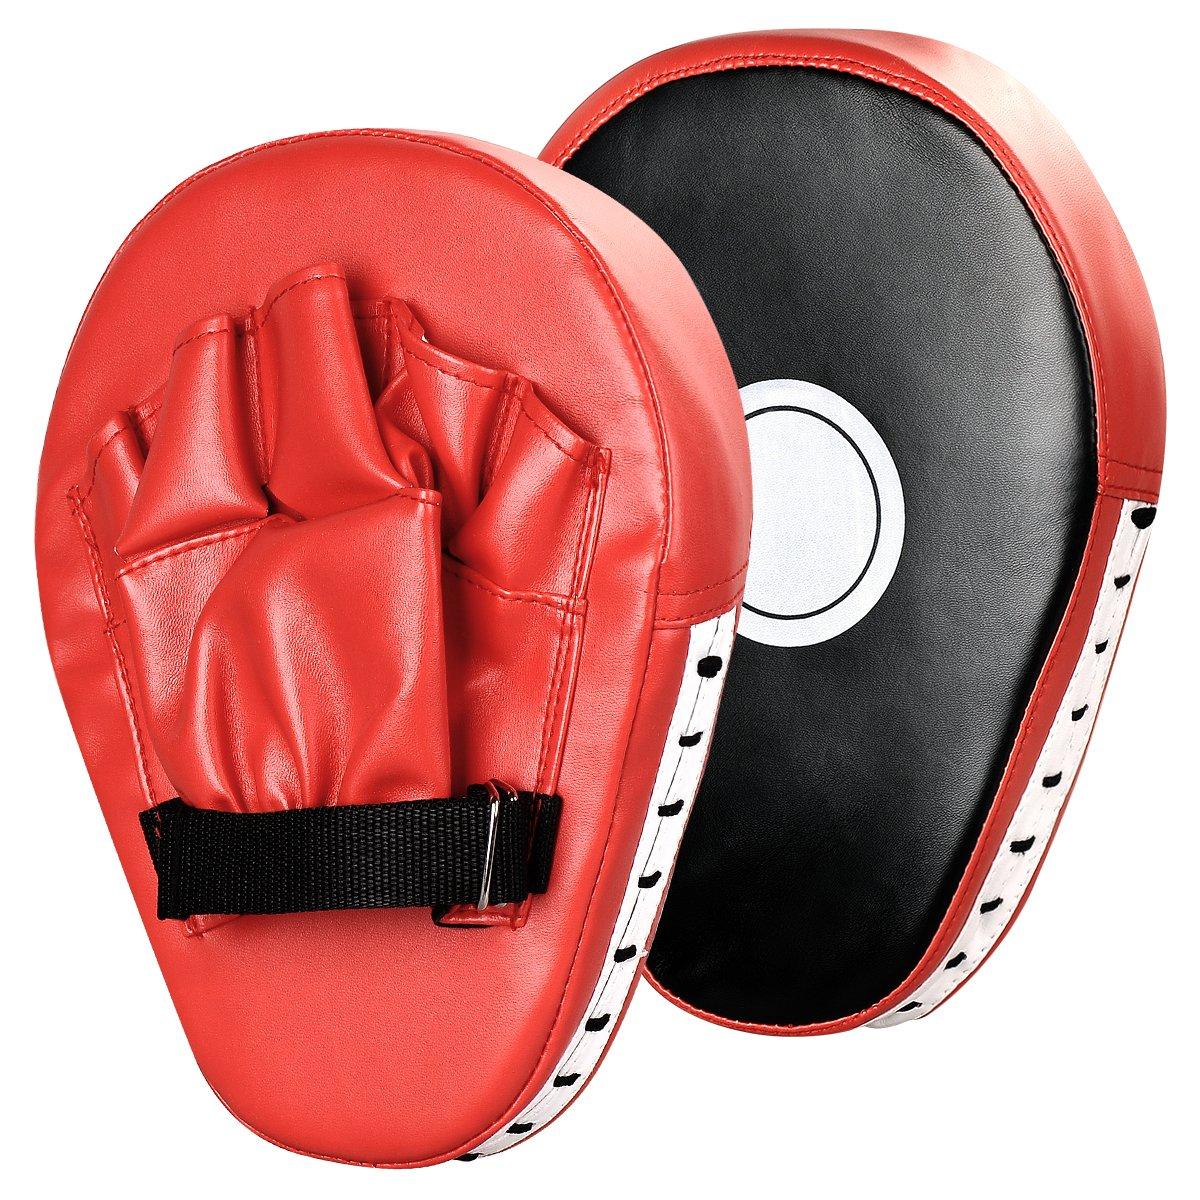 Almohadilla de Entrenamiento de Boxeo,YTTX Guantelete de Entrenamiento del Boxeo Guante de Poliuretano Rojo